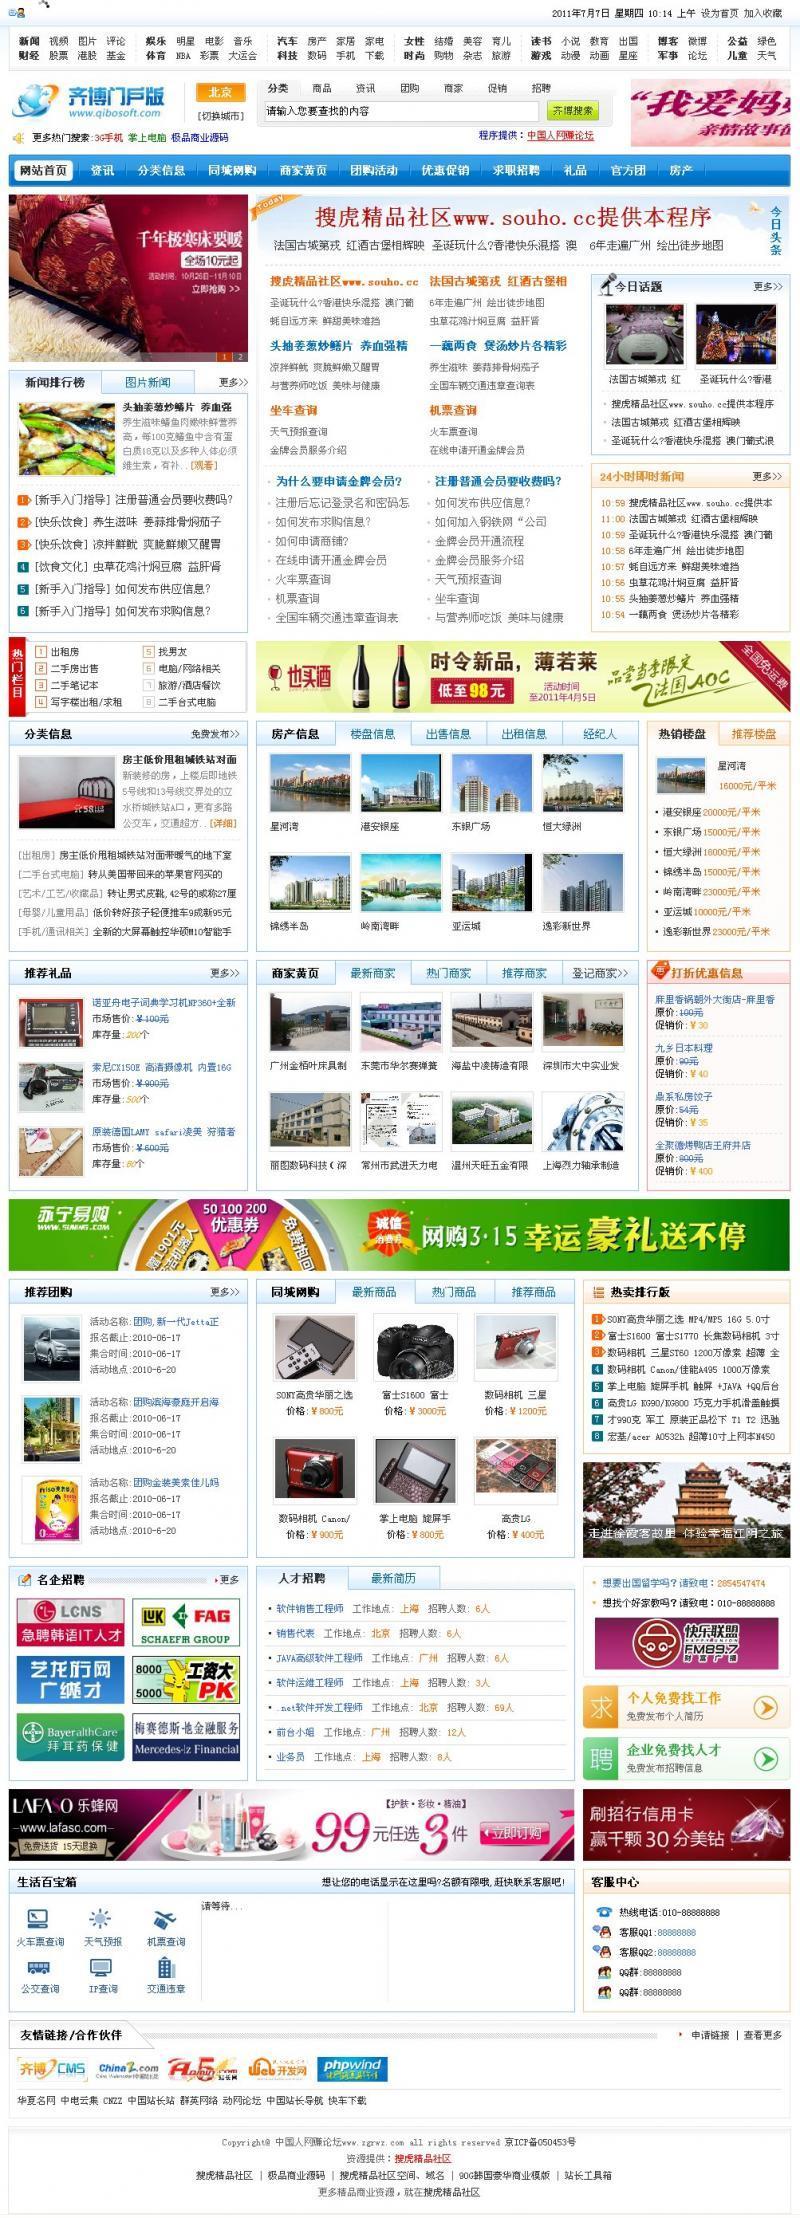 精品齐博地方门户v1.6单城市商业版 - 第1张  | 数据D站